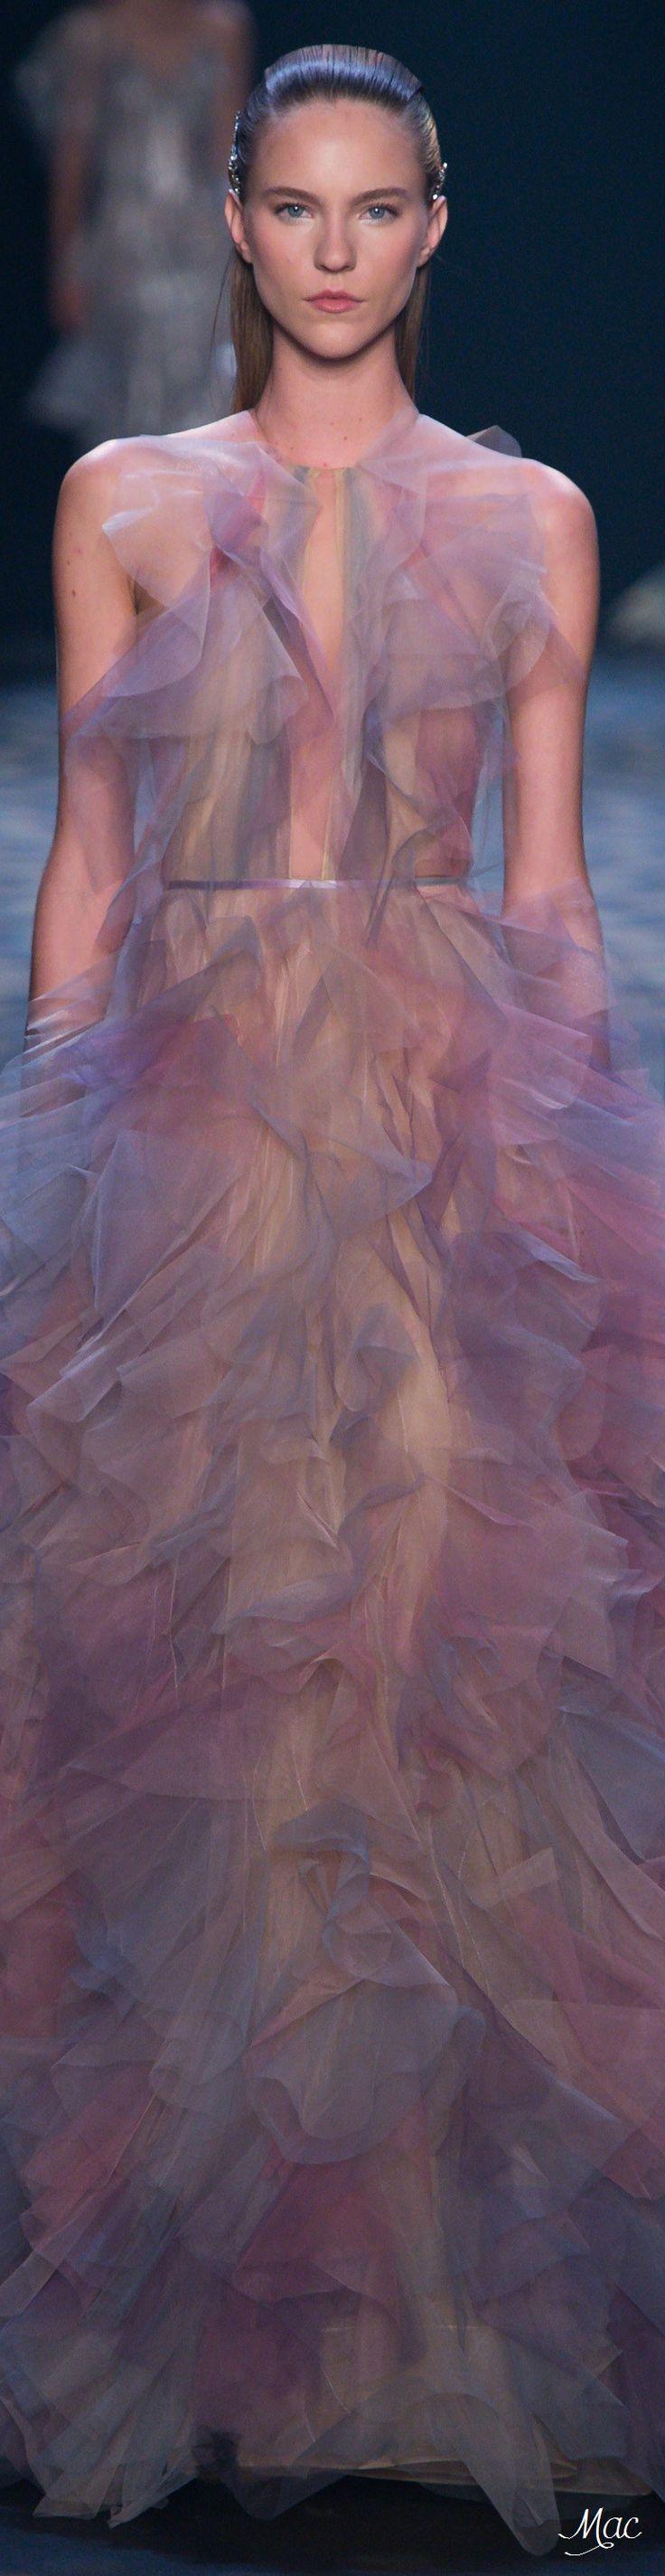 Lujoso Vestido De Novia De Limpieza De Chicago Patrón - Vestido de ...